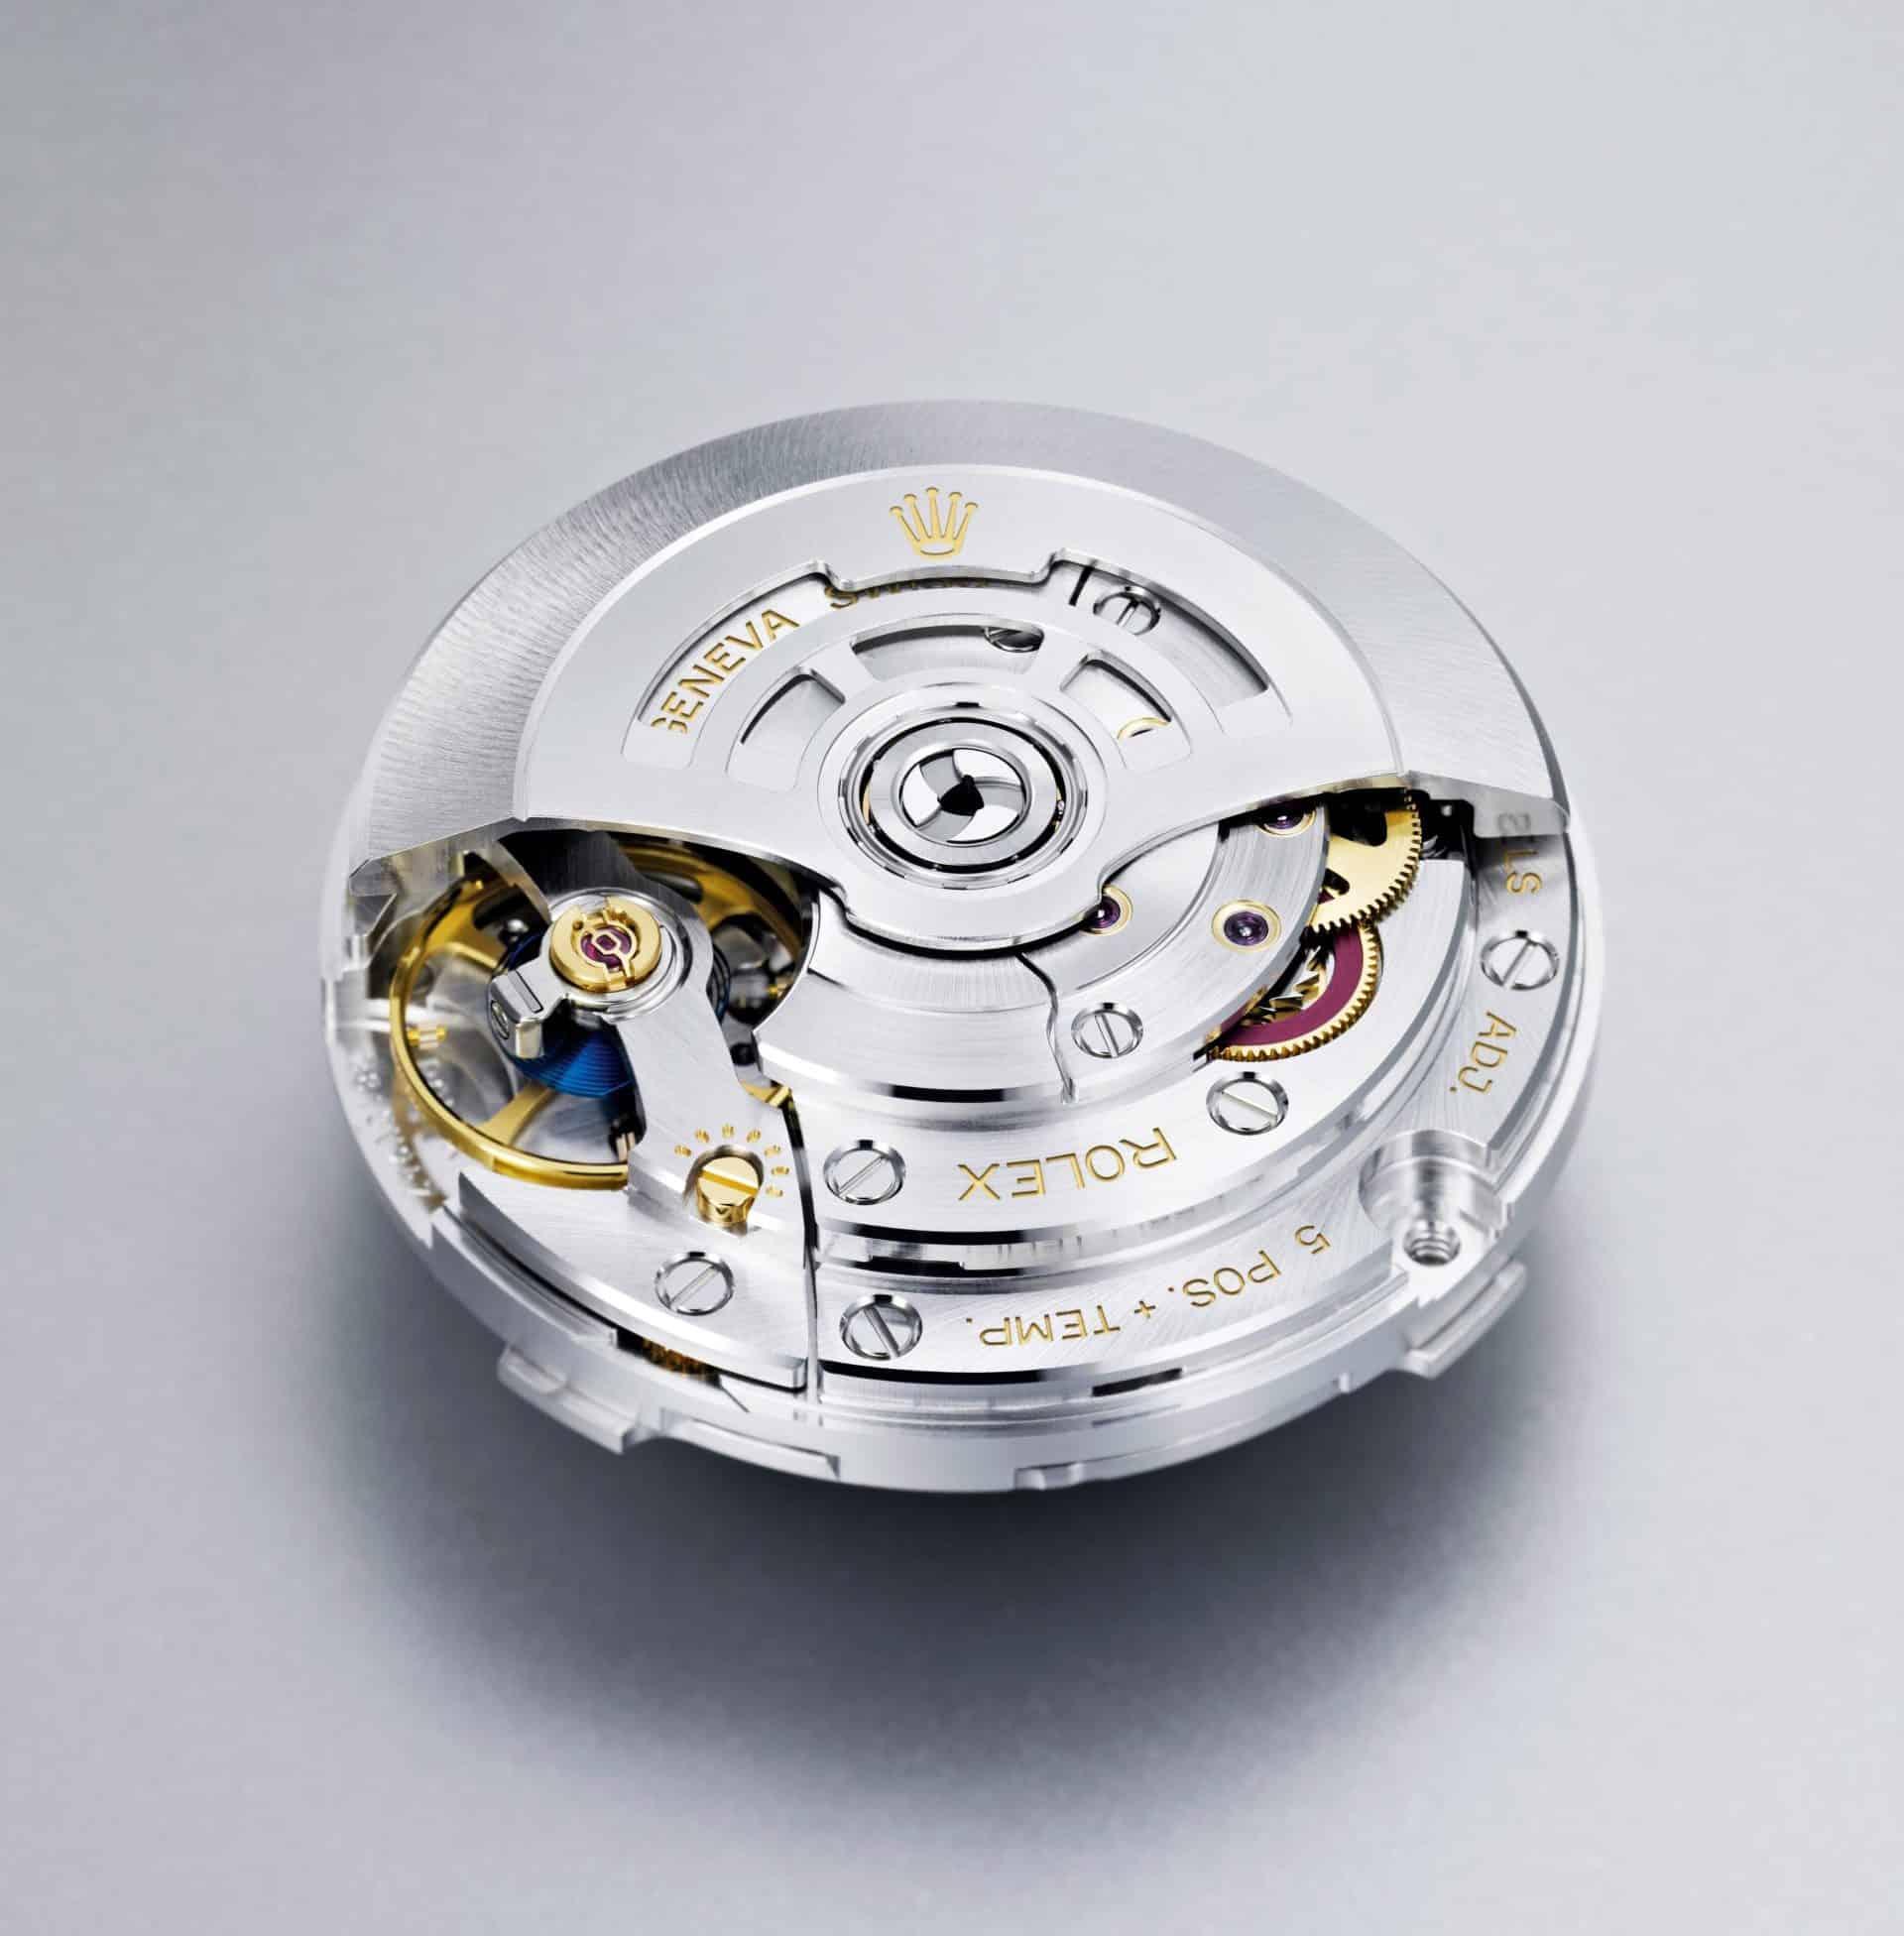 Das Rolex Kaliber 3235 wurde von Rolex entwickelt und ist gleichmaßen stabil und präzise